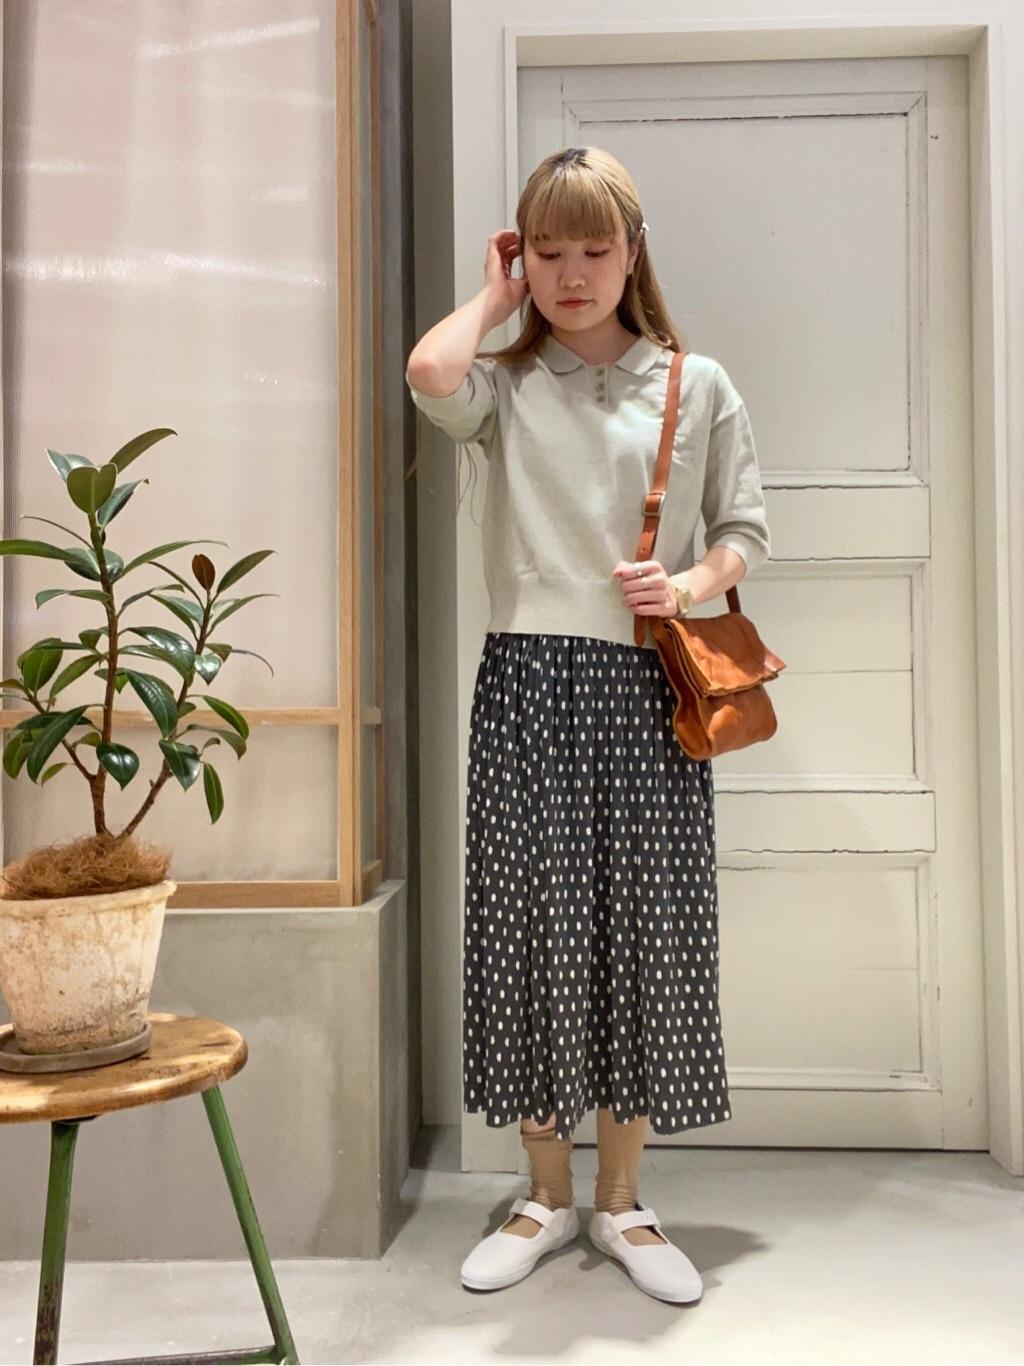 渋谷スクランブルスクエア 2021.04.15